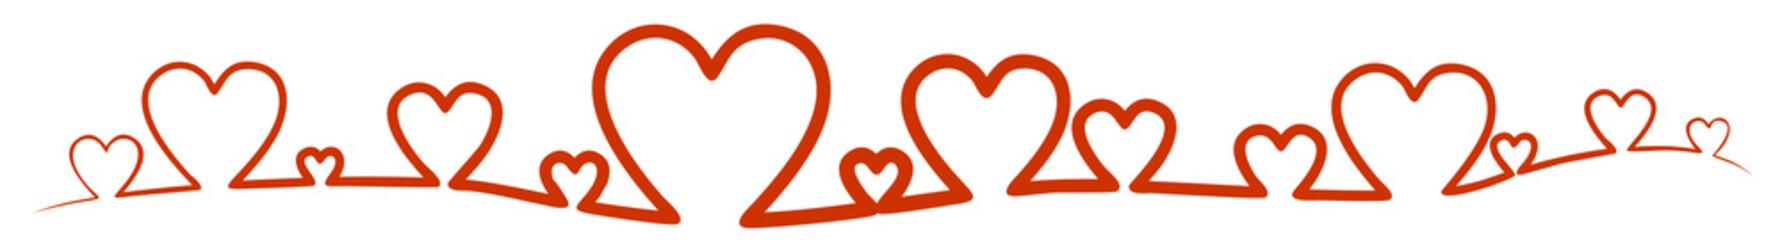 Rote Herzen bilden ein Band, Banner.